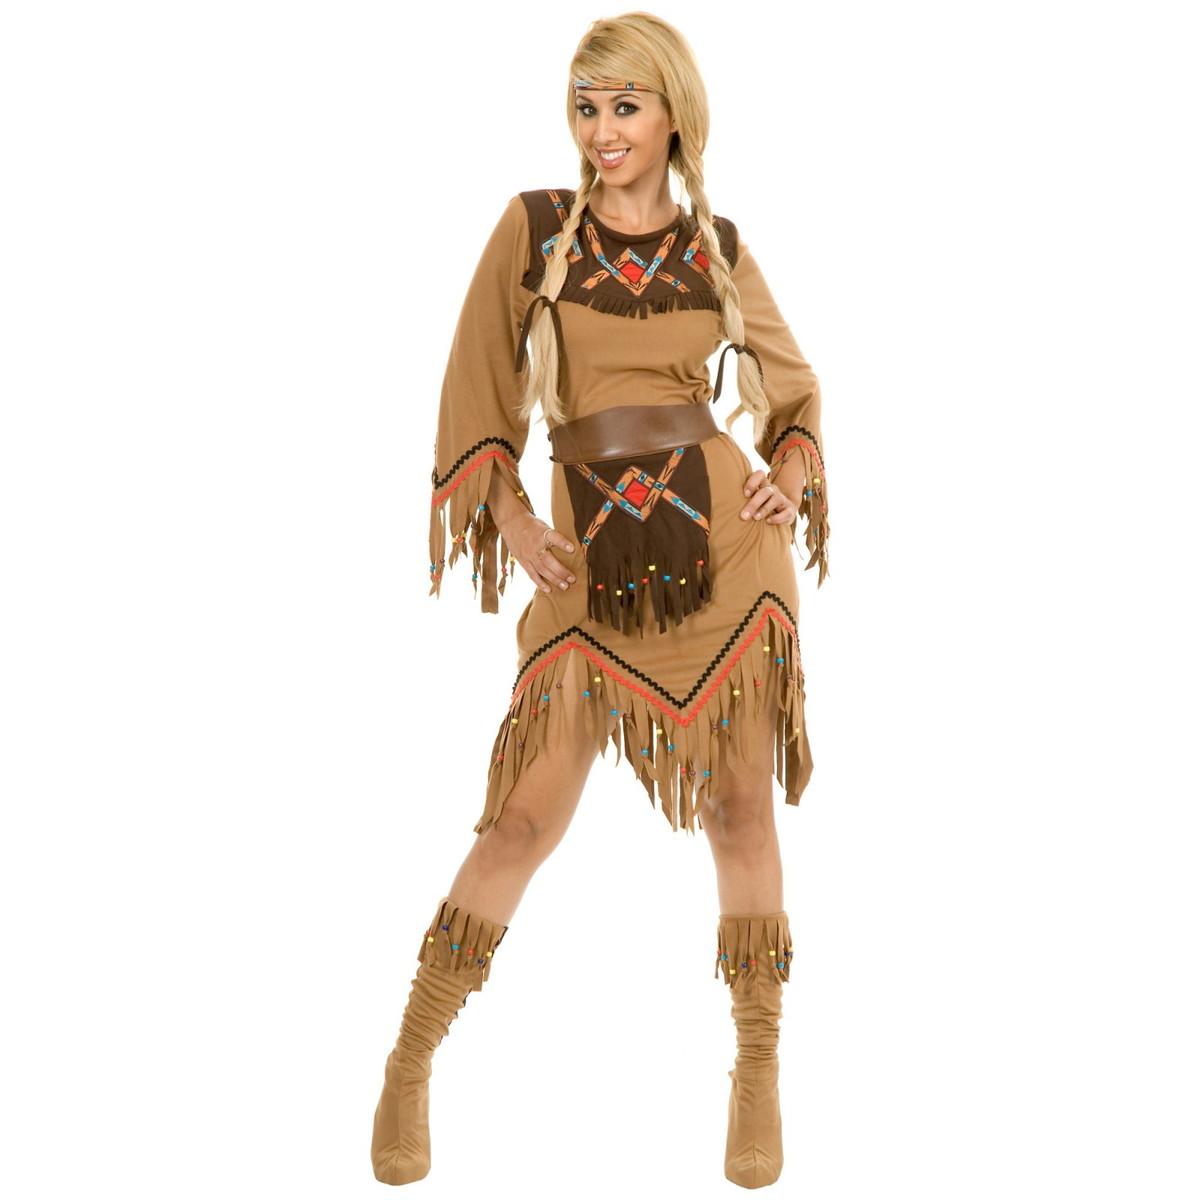 インディアン コスチューム レディース コスプレ衣装 サカヤウェア 女性用